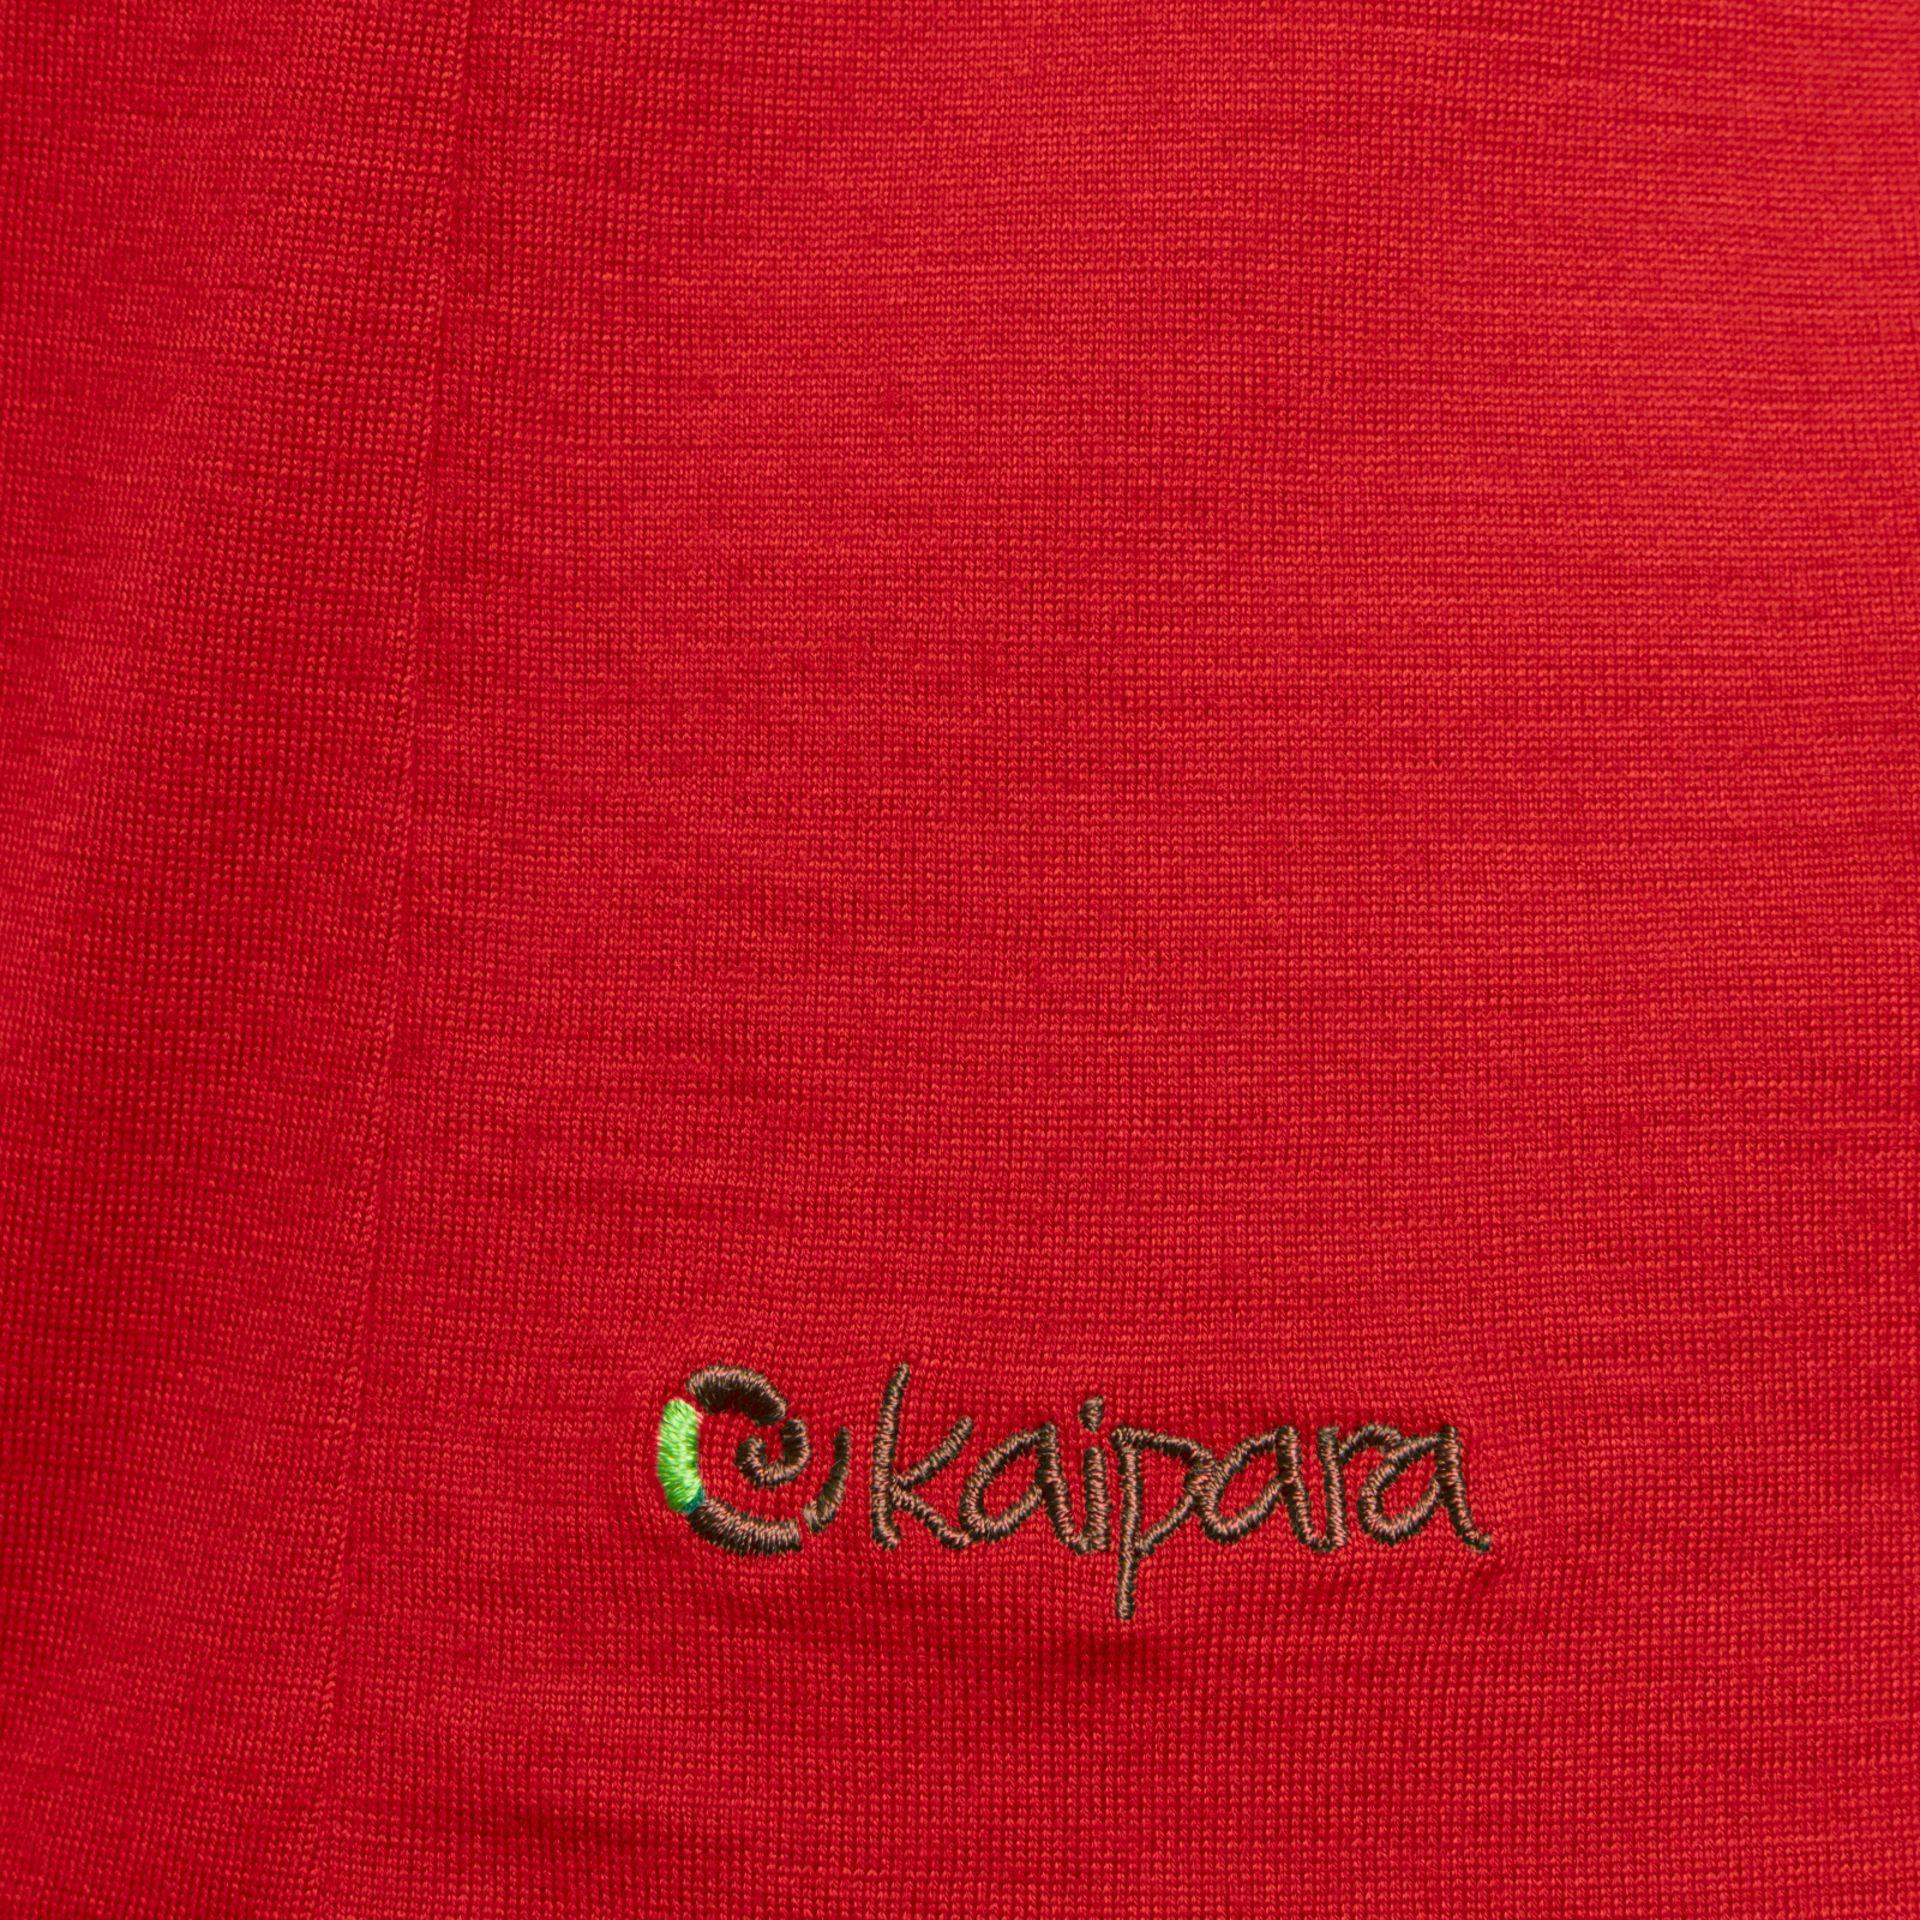 Merino Shirt Herren Kurzarm Regularfit V-Neck 200 Cherry Red / L